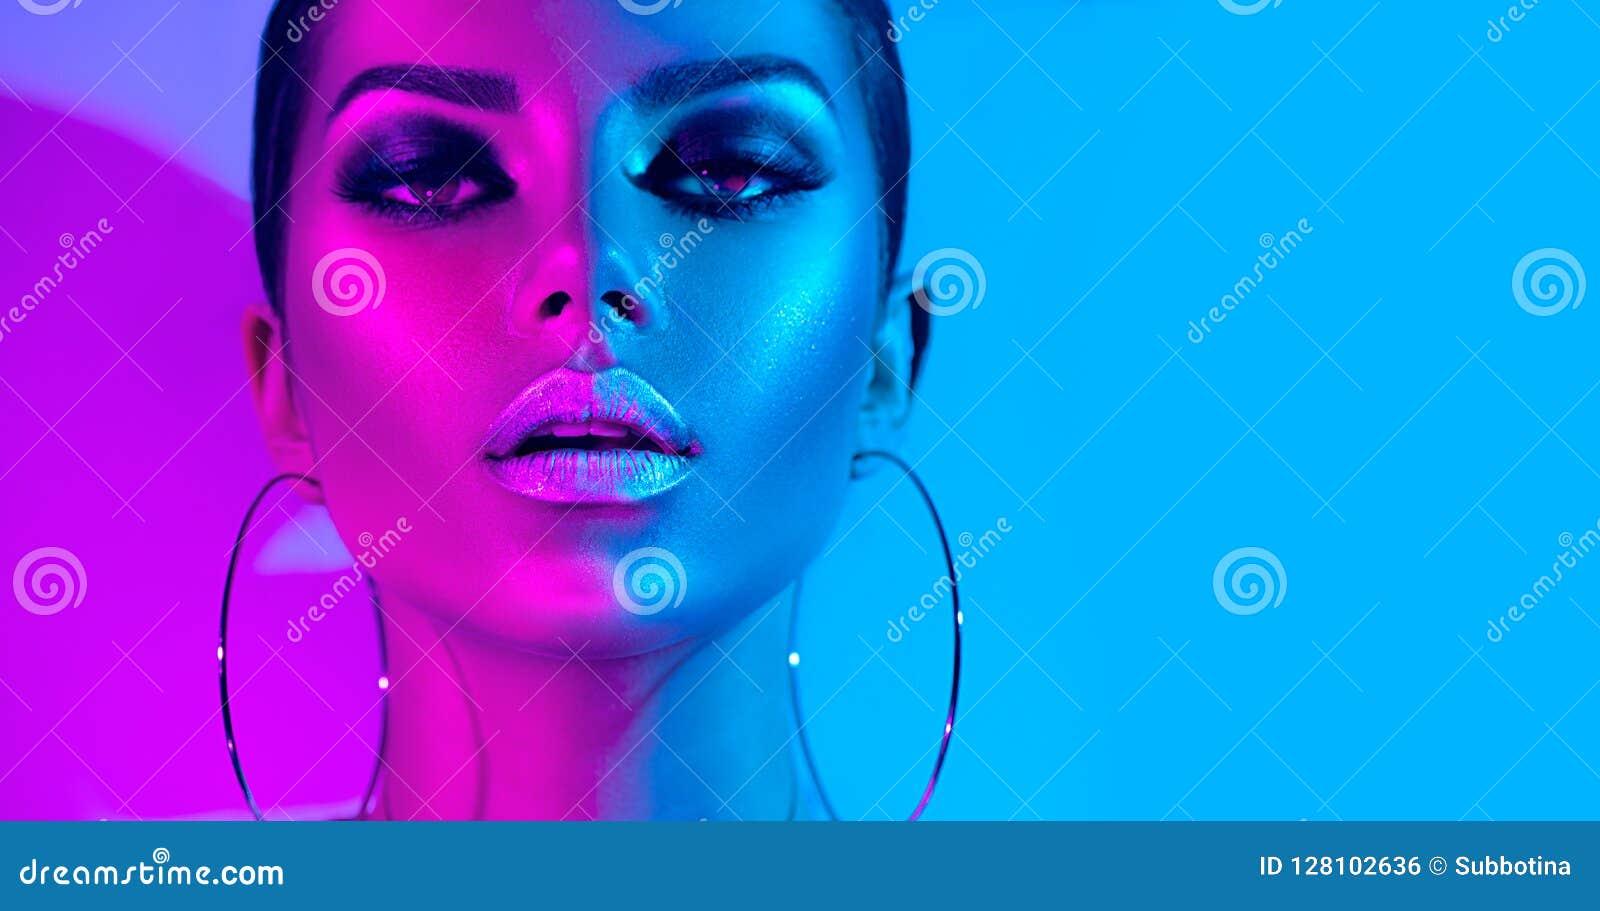 Πρότυπη γυναίκα brunette μόδας στα ζωηρόχρωμα φωτεινά φω τα νέου που θέτουν στο στούντιο Όμορφο προκλητικό κορίτσι, καθιερώνουσα